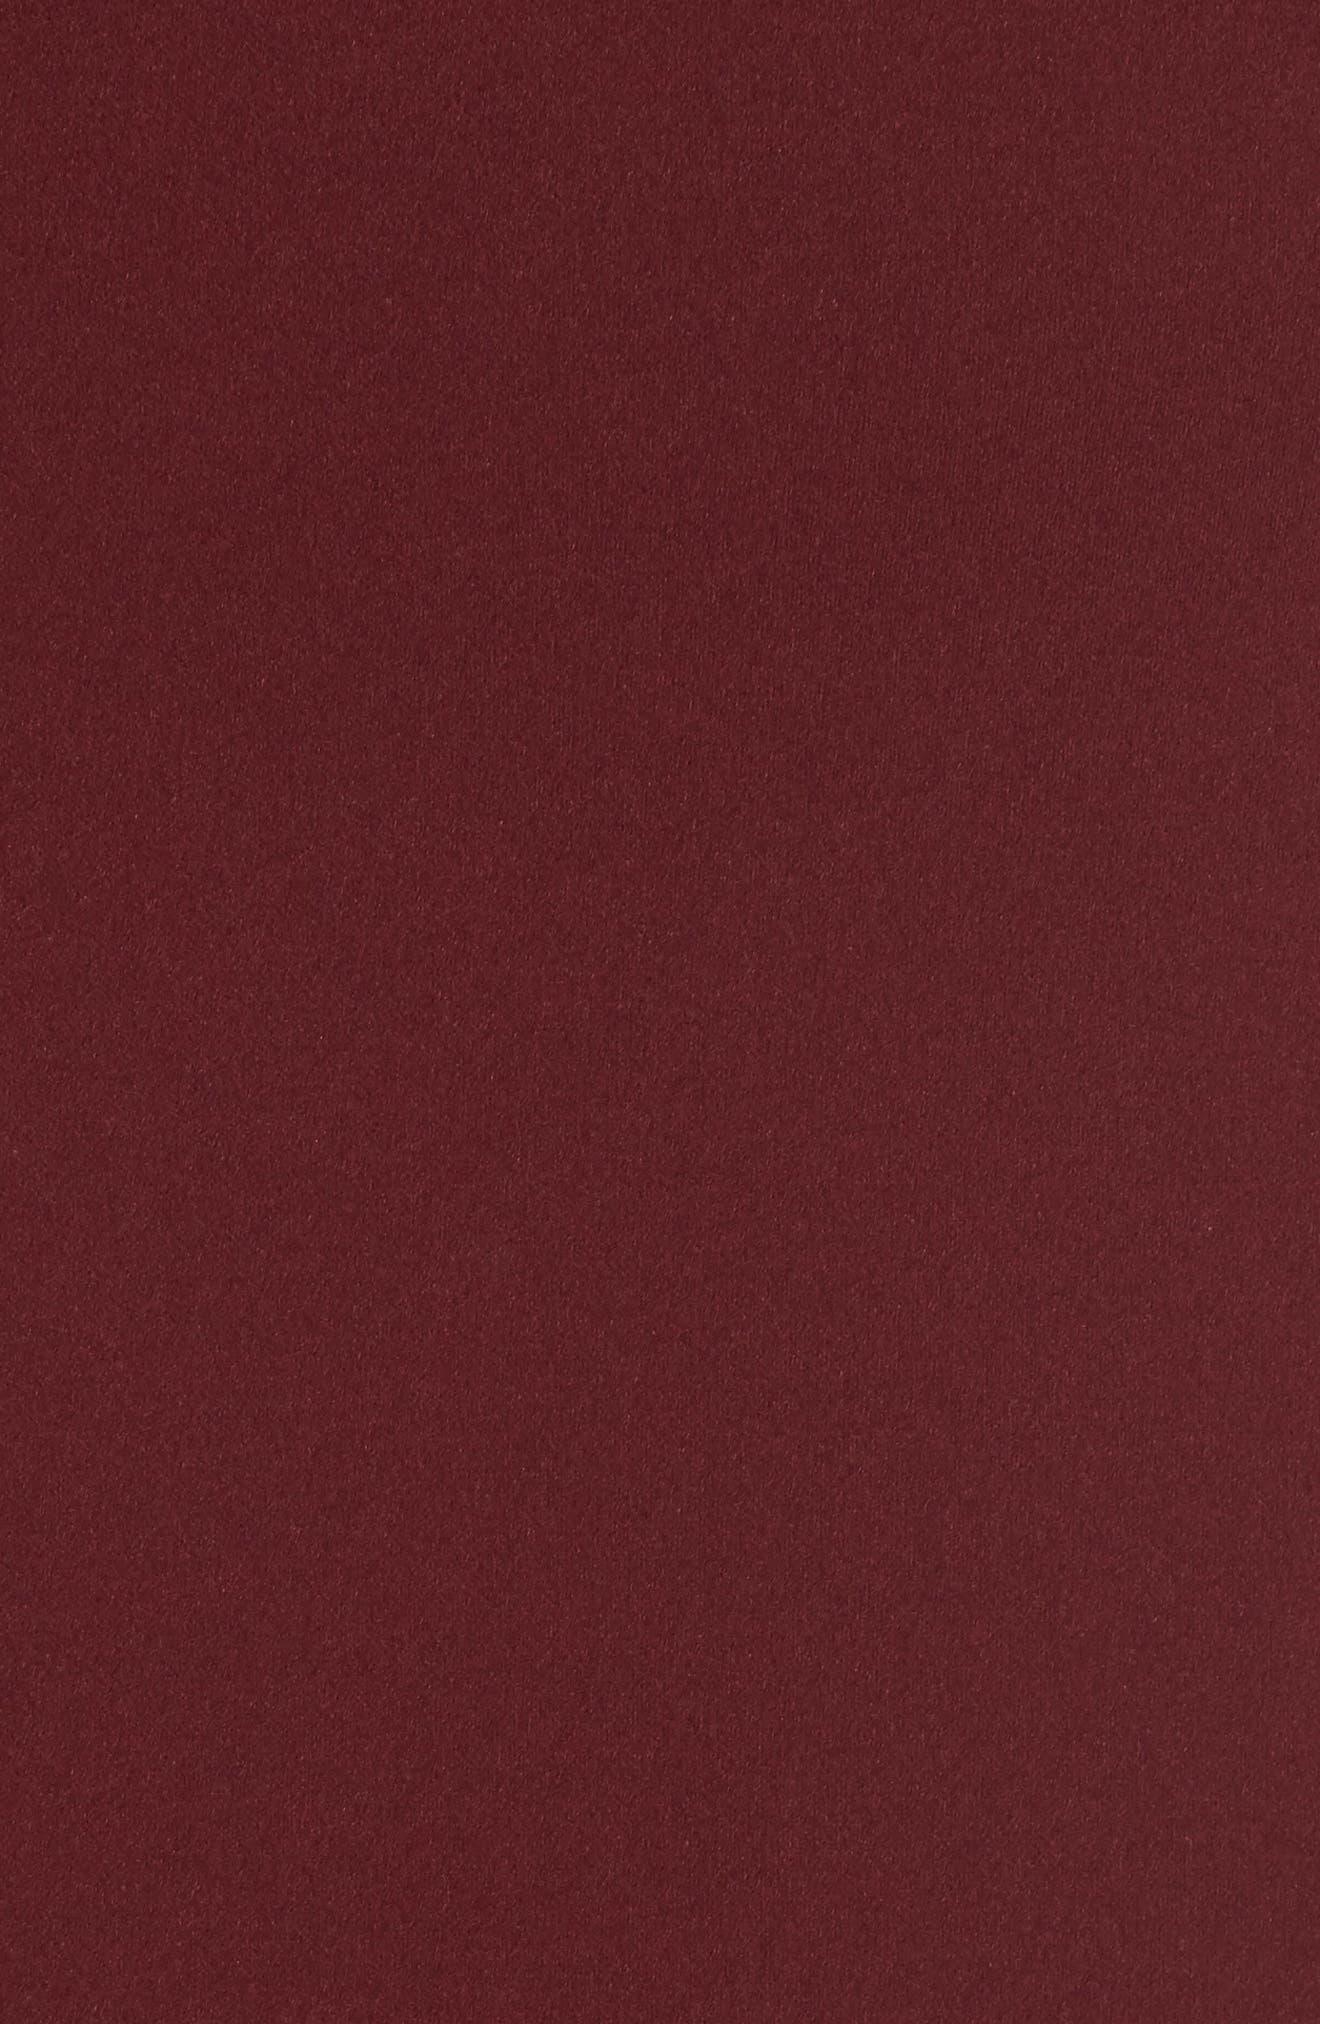 Cleo Back Cutout Trumpet Gown,                             Alternate thumbnail 6, color,                             Bordeaux